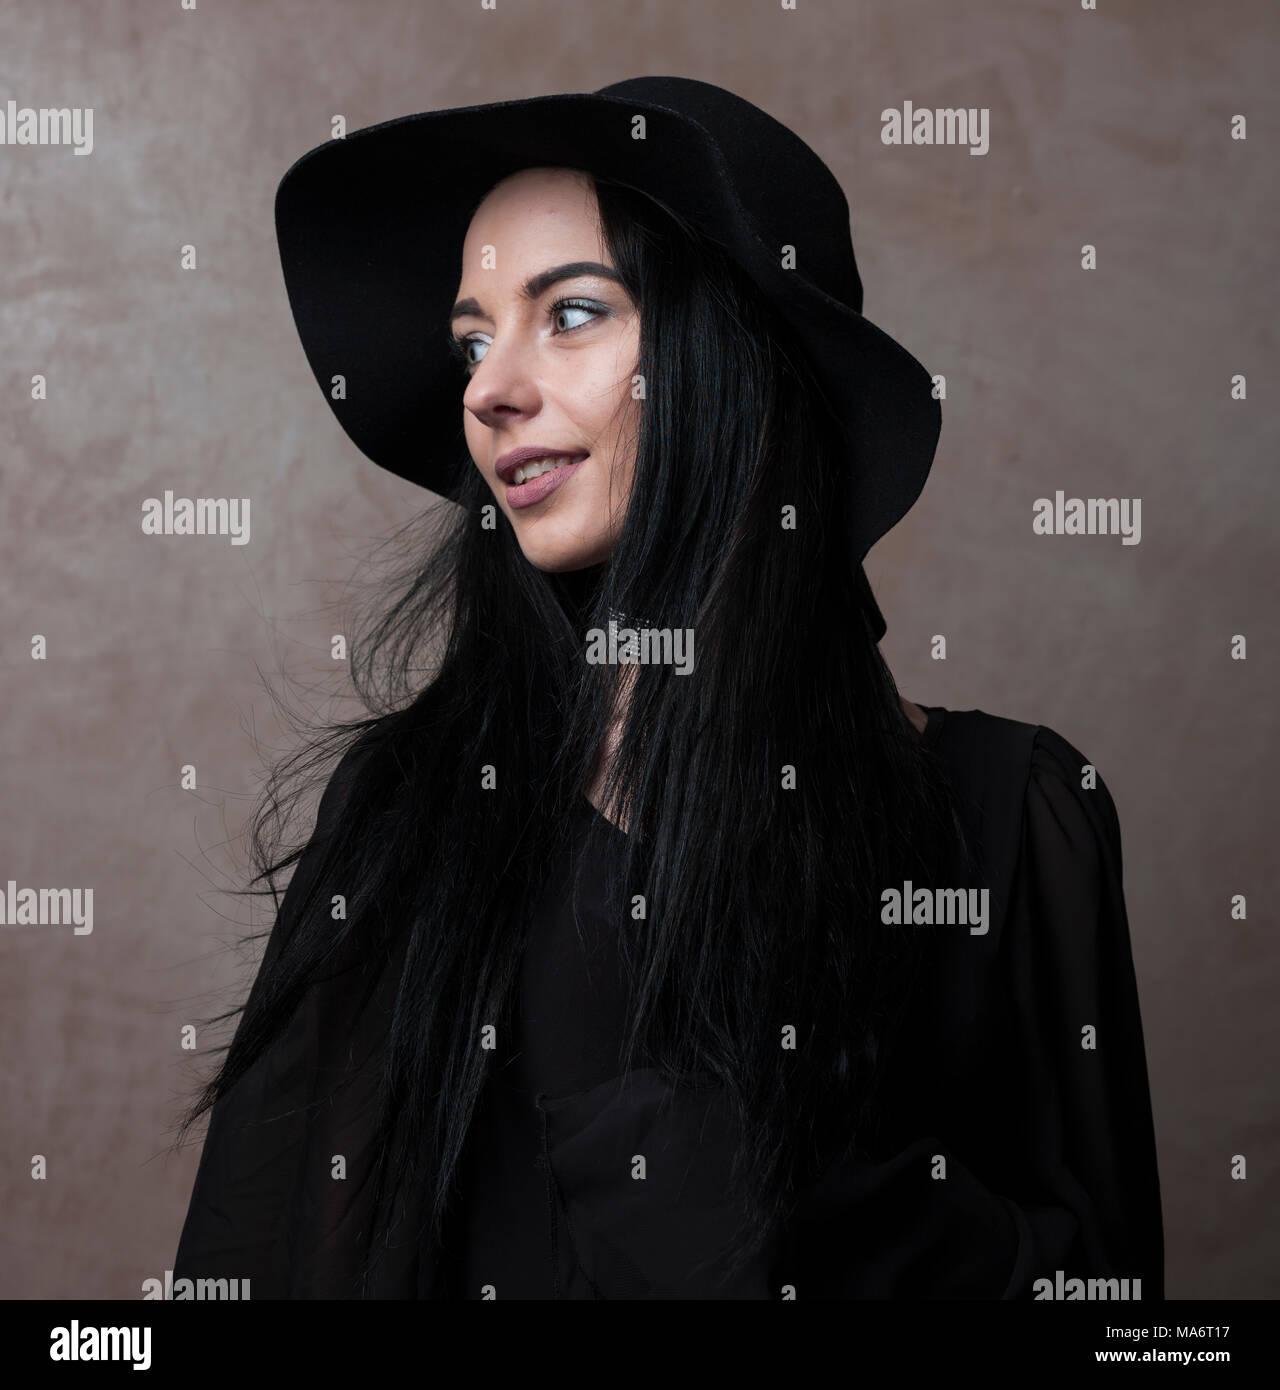 05d4be9a47856 Jolie jeune fille en chapeau noir et élégant haut noir a l'air mélancolique  -